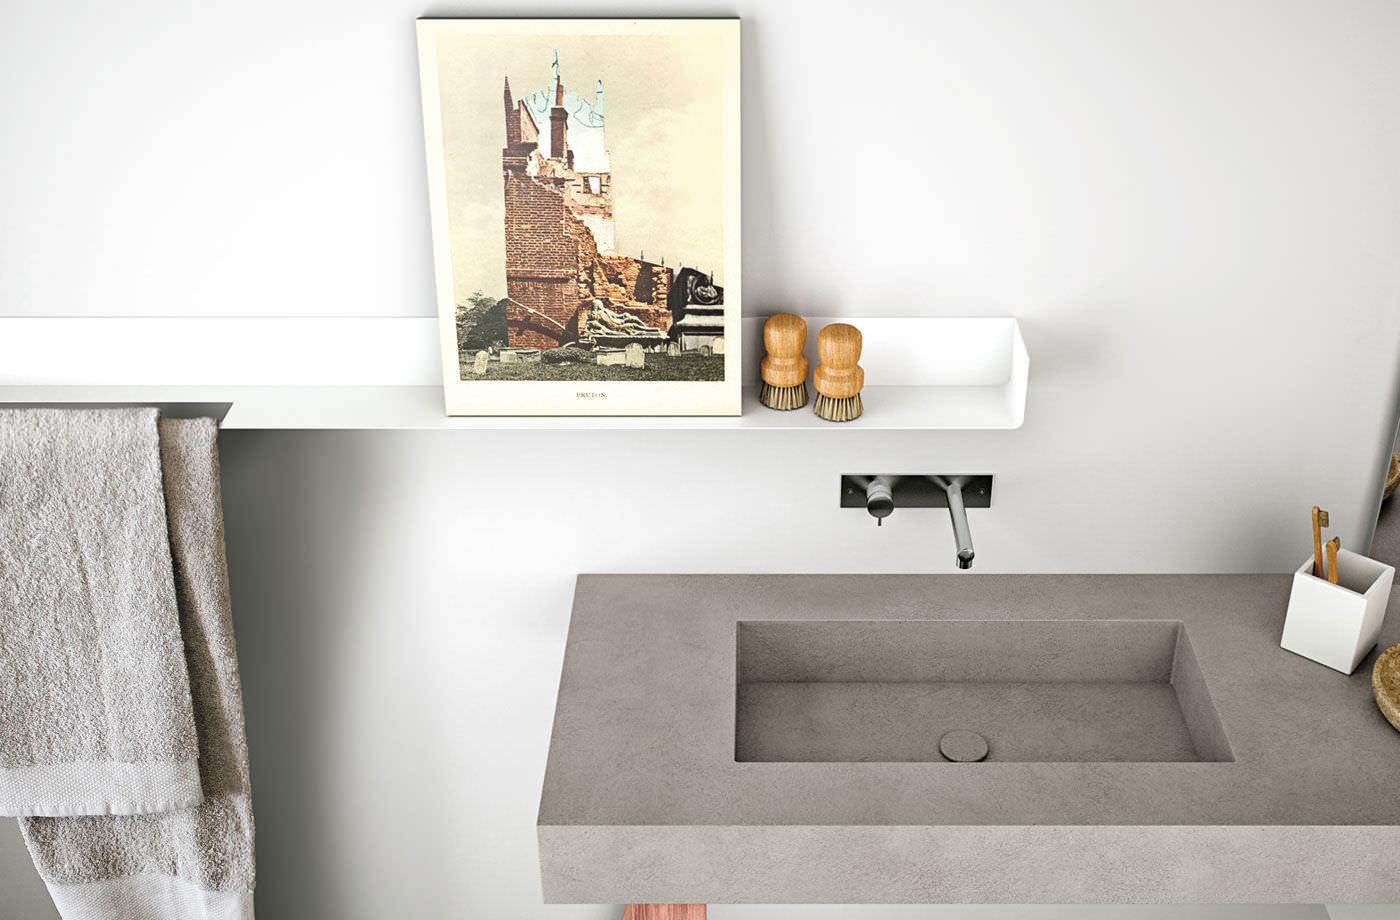 Wandregal Badezimmer Holz: Auergewhnlich Wandregal